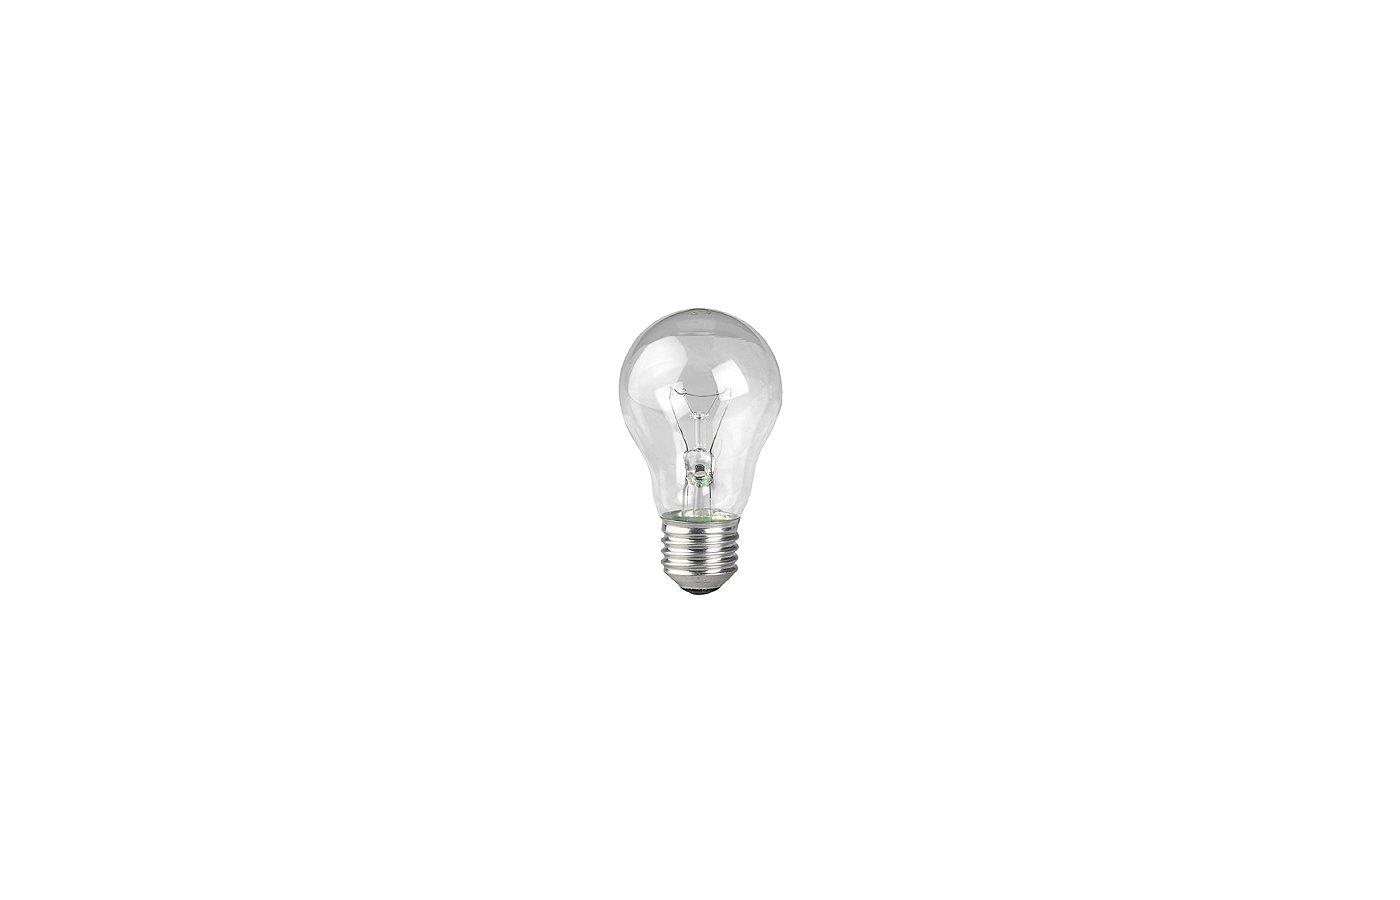 Лампочки накаливания ЭРА A55/А50-60-230-E27-CL Лампа накаливания